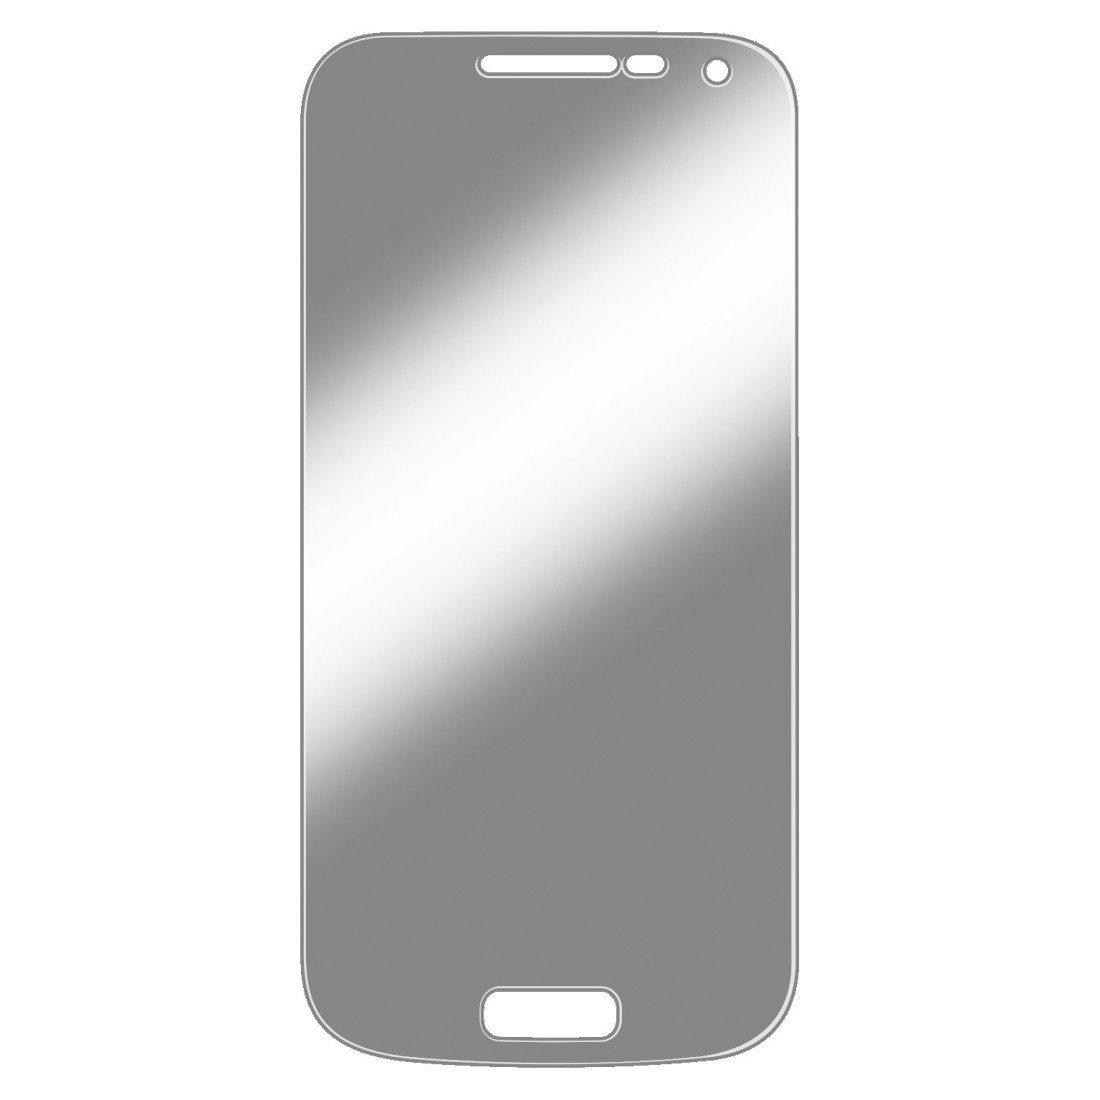 Hama Displayschutzfolie für Samsung Galaxy S4 mini, 2er Set »Displayschutz Schutzfolie«